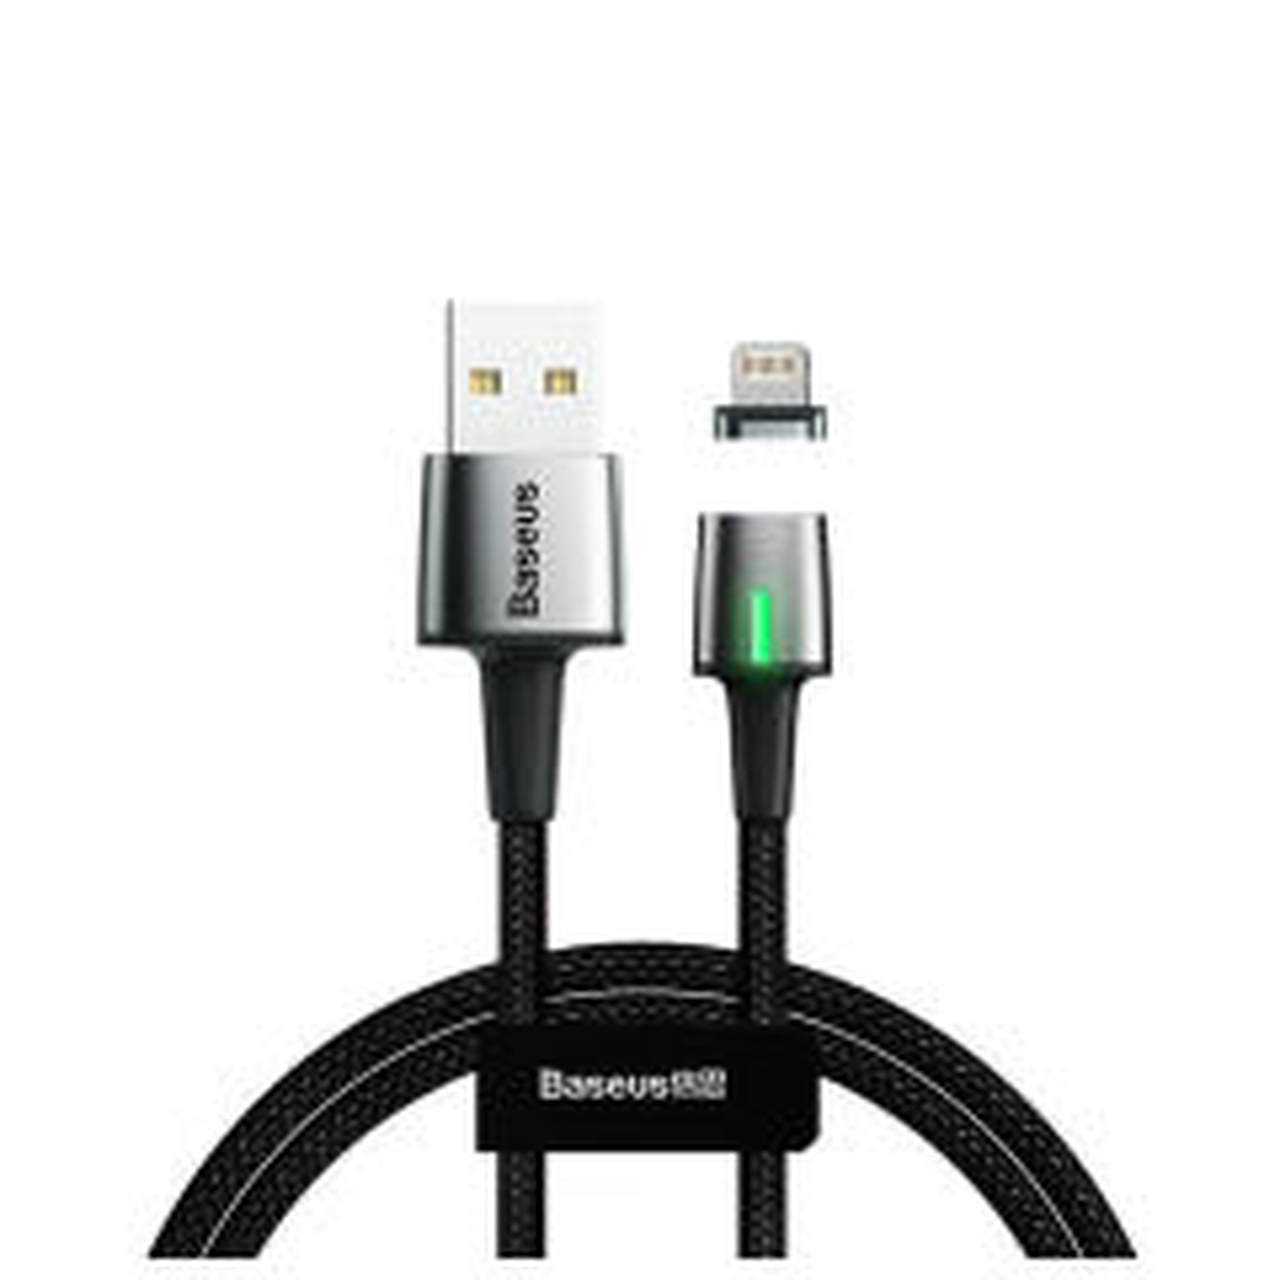 خرید اینترنتی [با تخفیف] کابل تبدیل USB به لایتنینگ باسئوس مدل Zinc طول 2 متر اورجینال